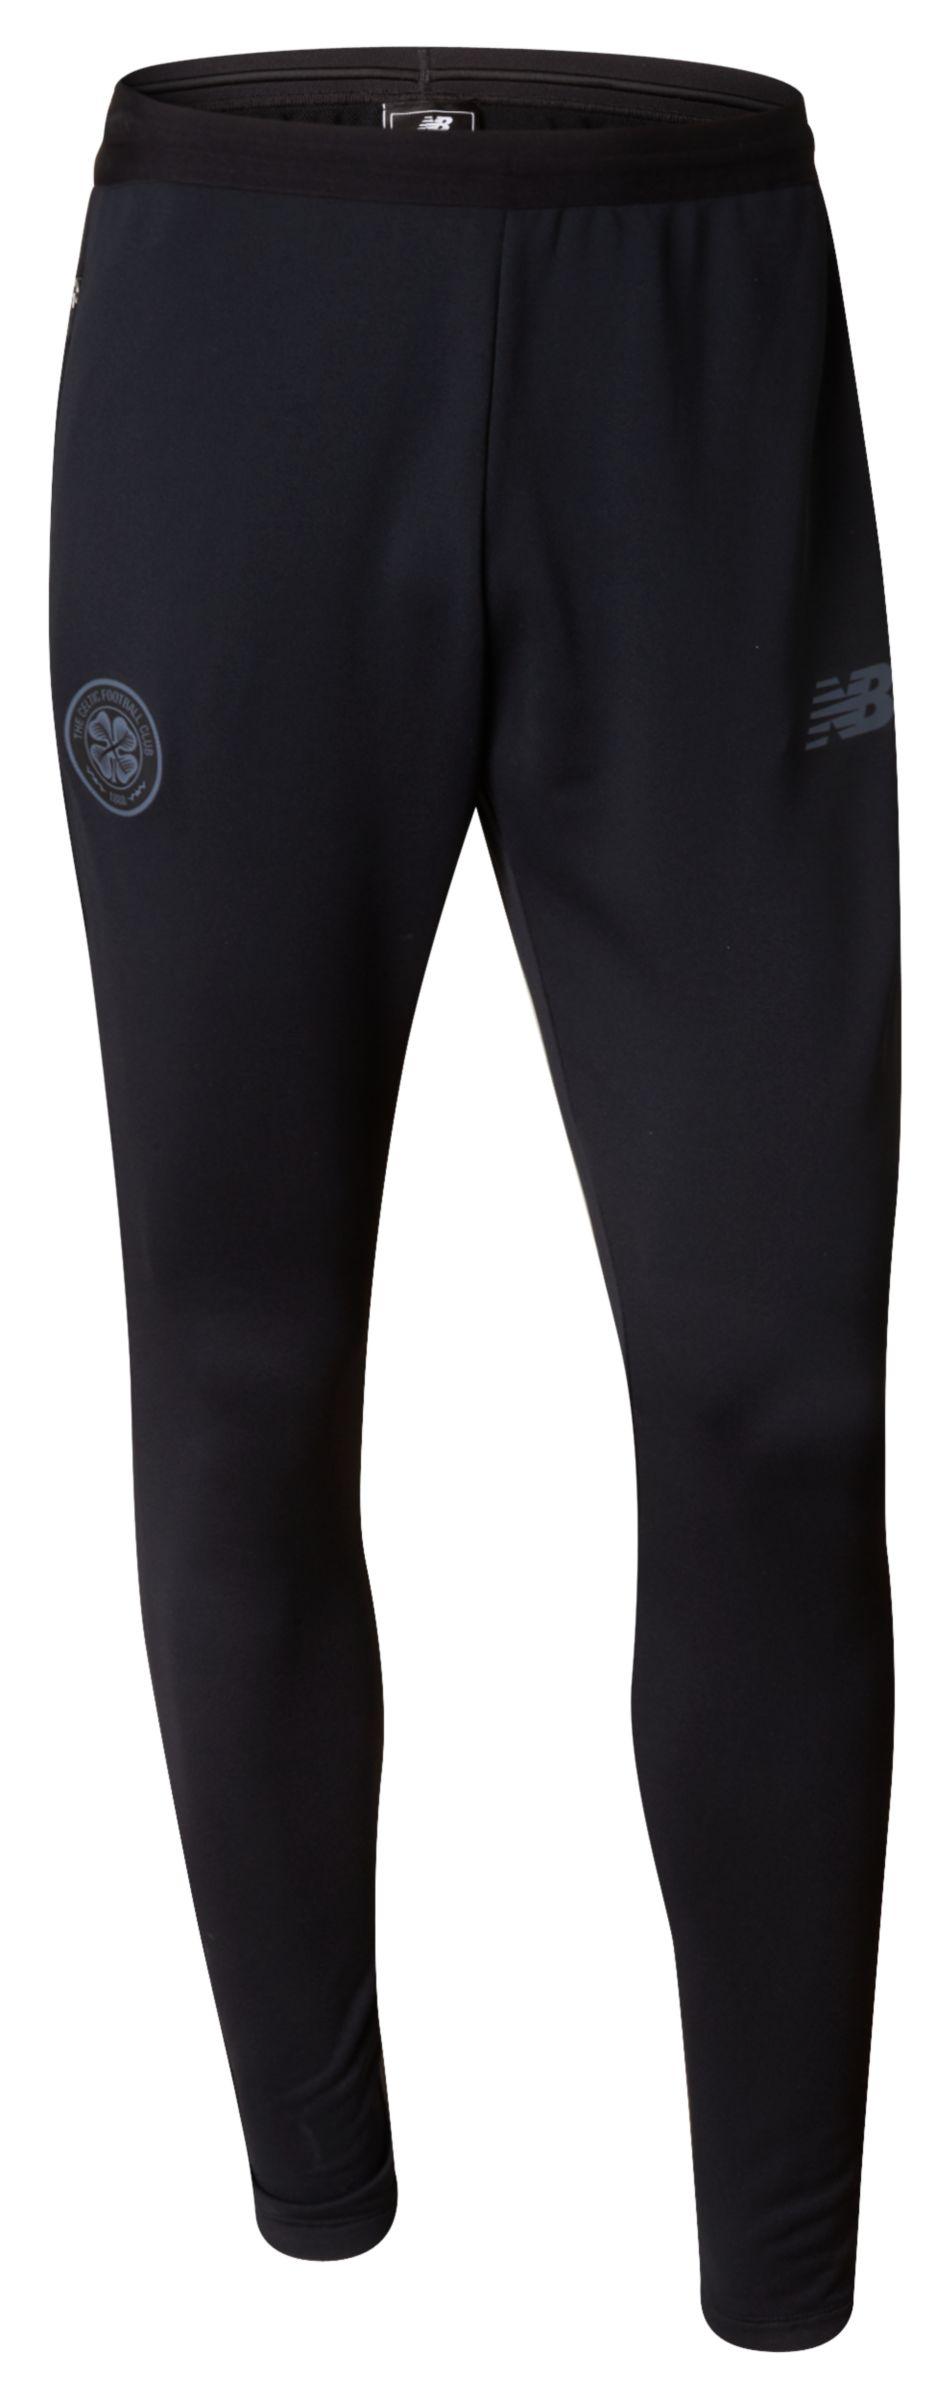 NB CFC Elite Training Pant - Tech Pant, Black